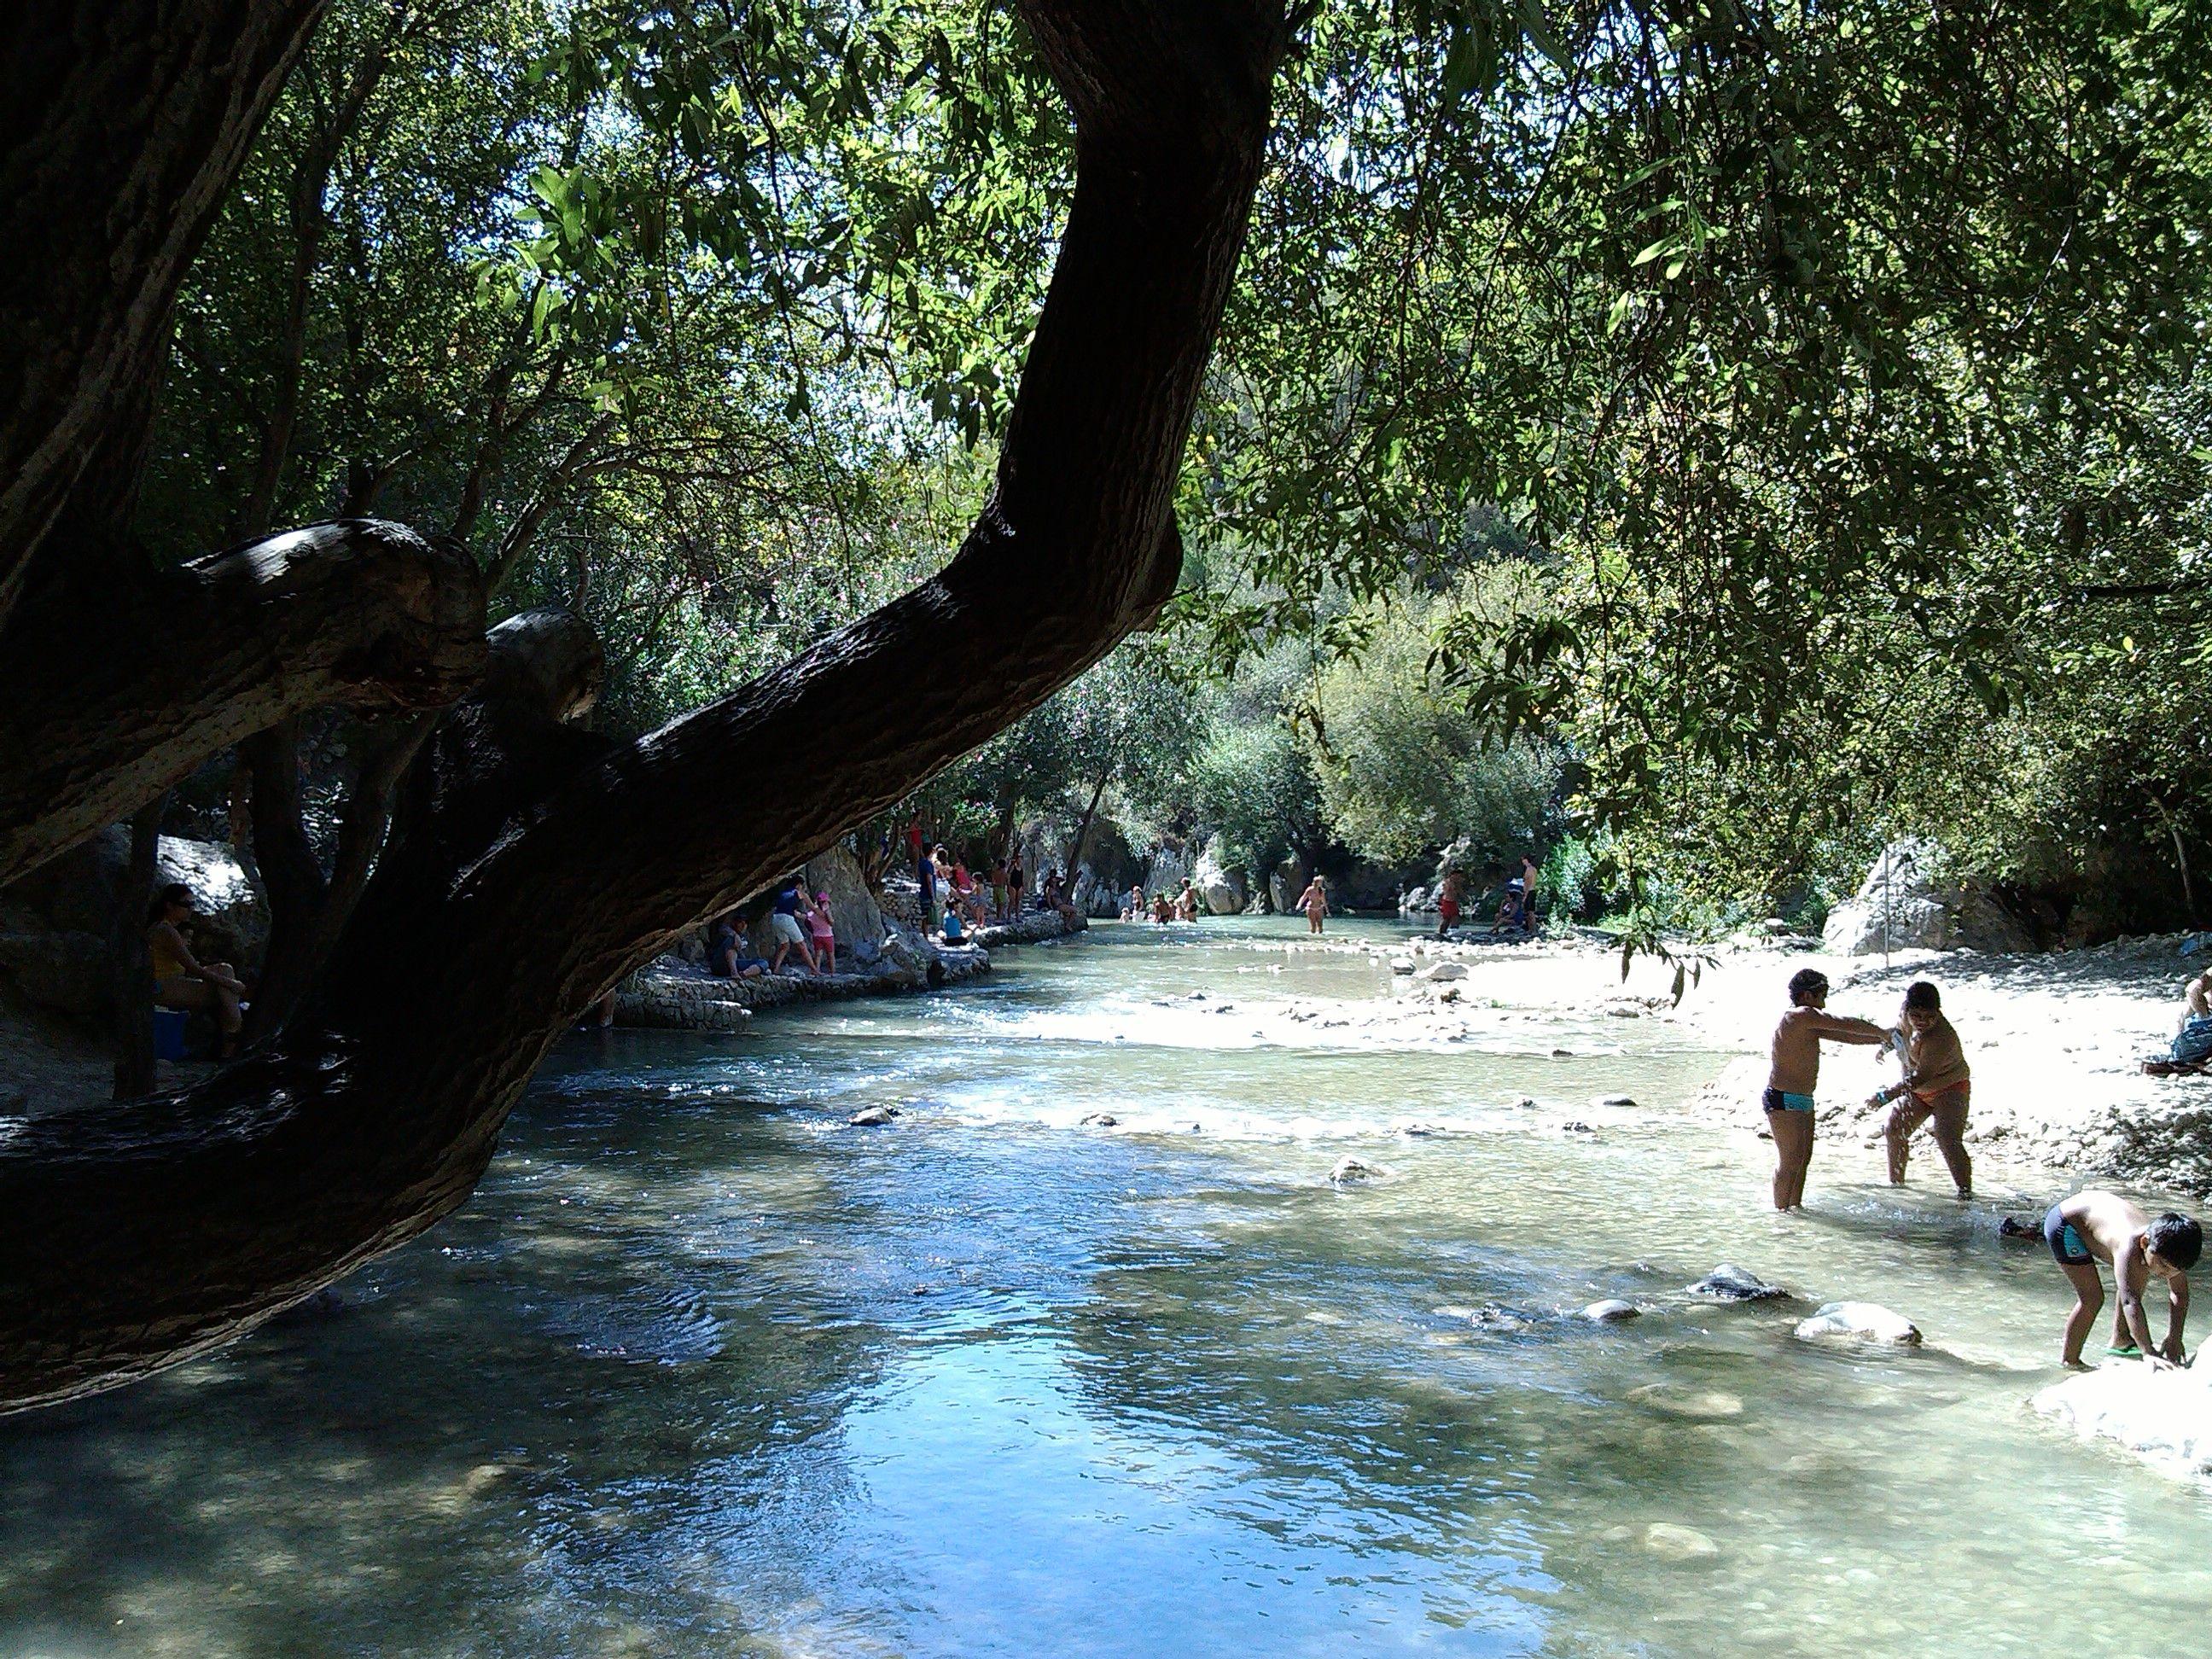 Fuentes del Algar - Algar Falls